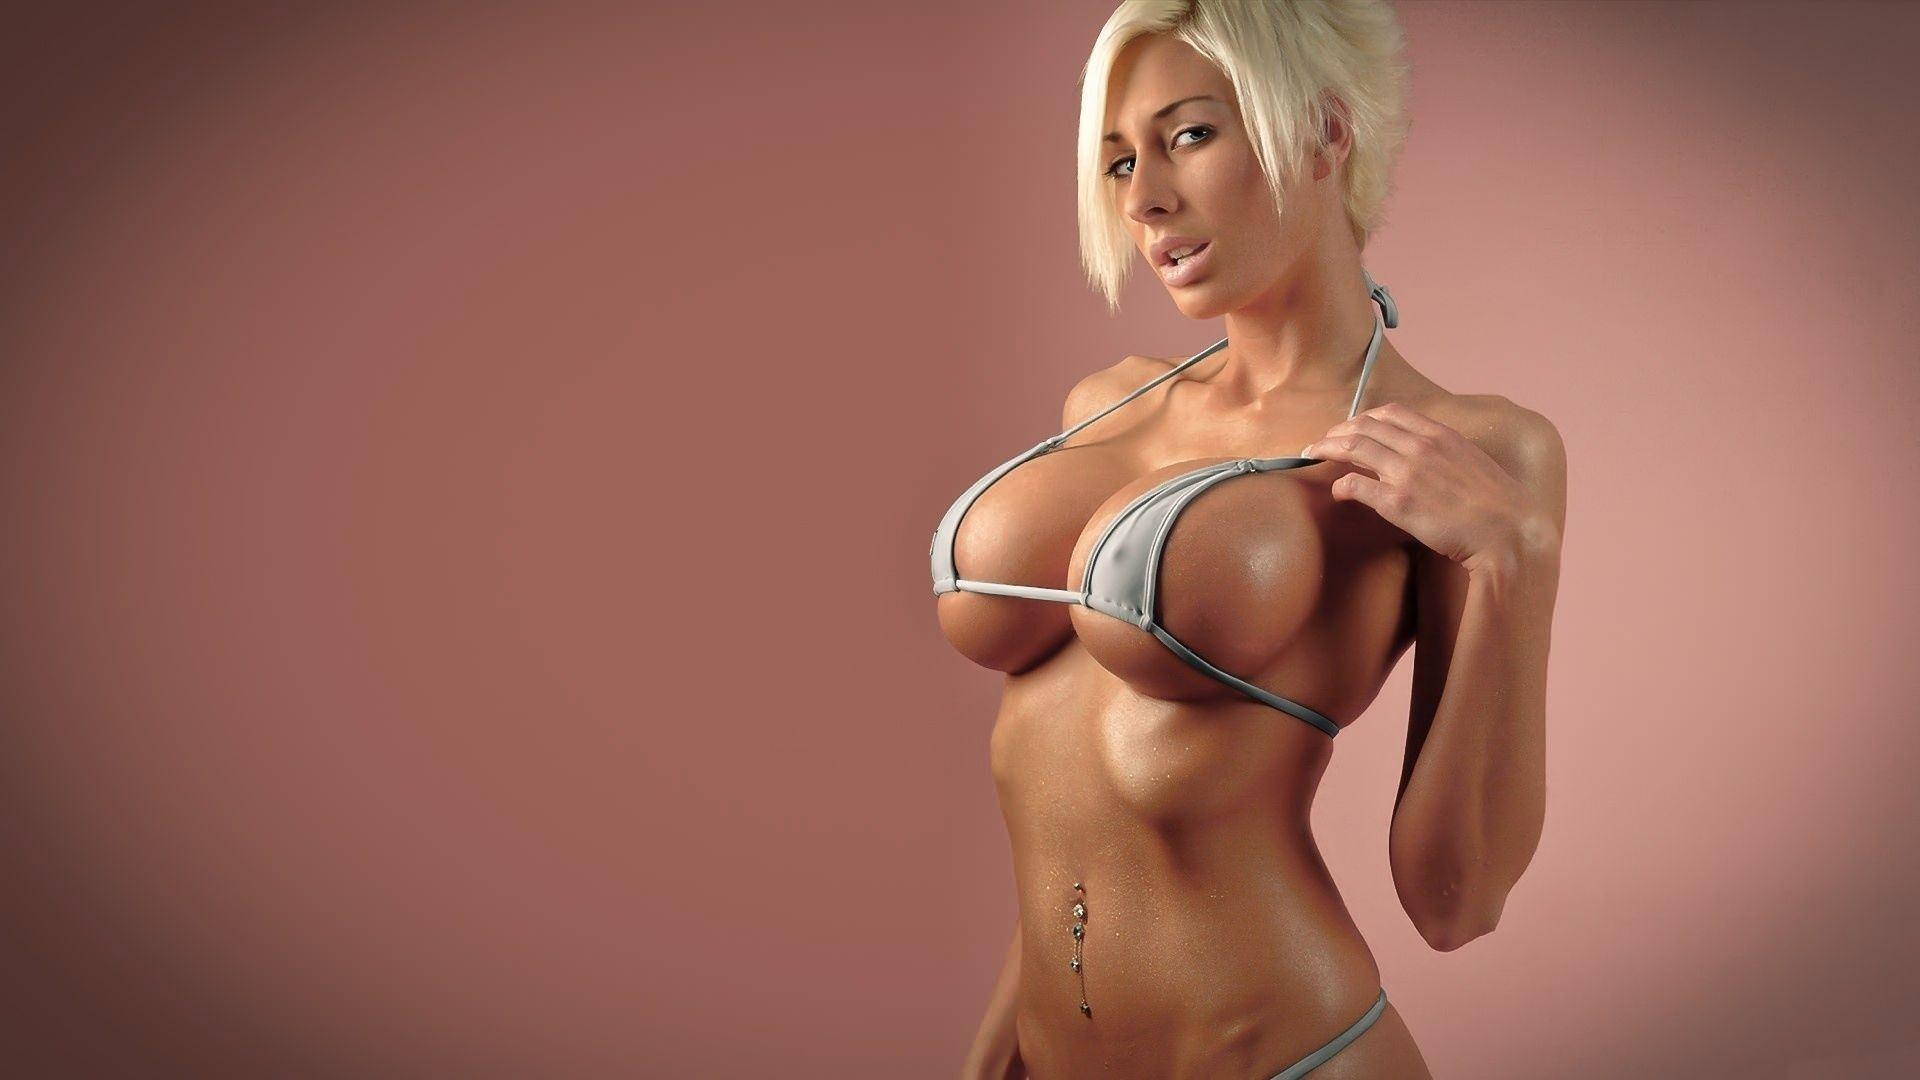 Большие сиськи в экстрим бикини фото 723-140